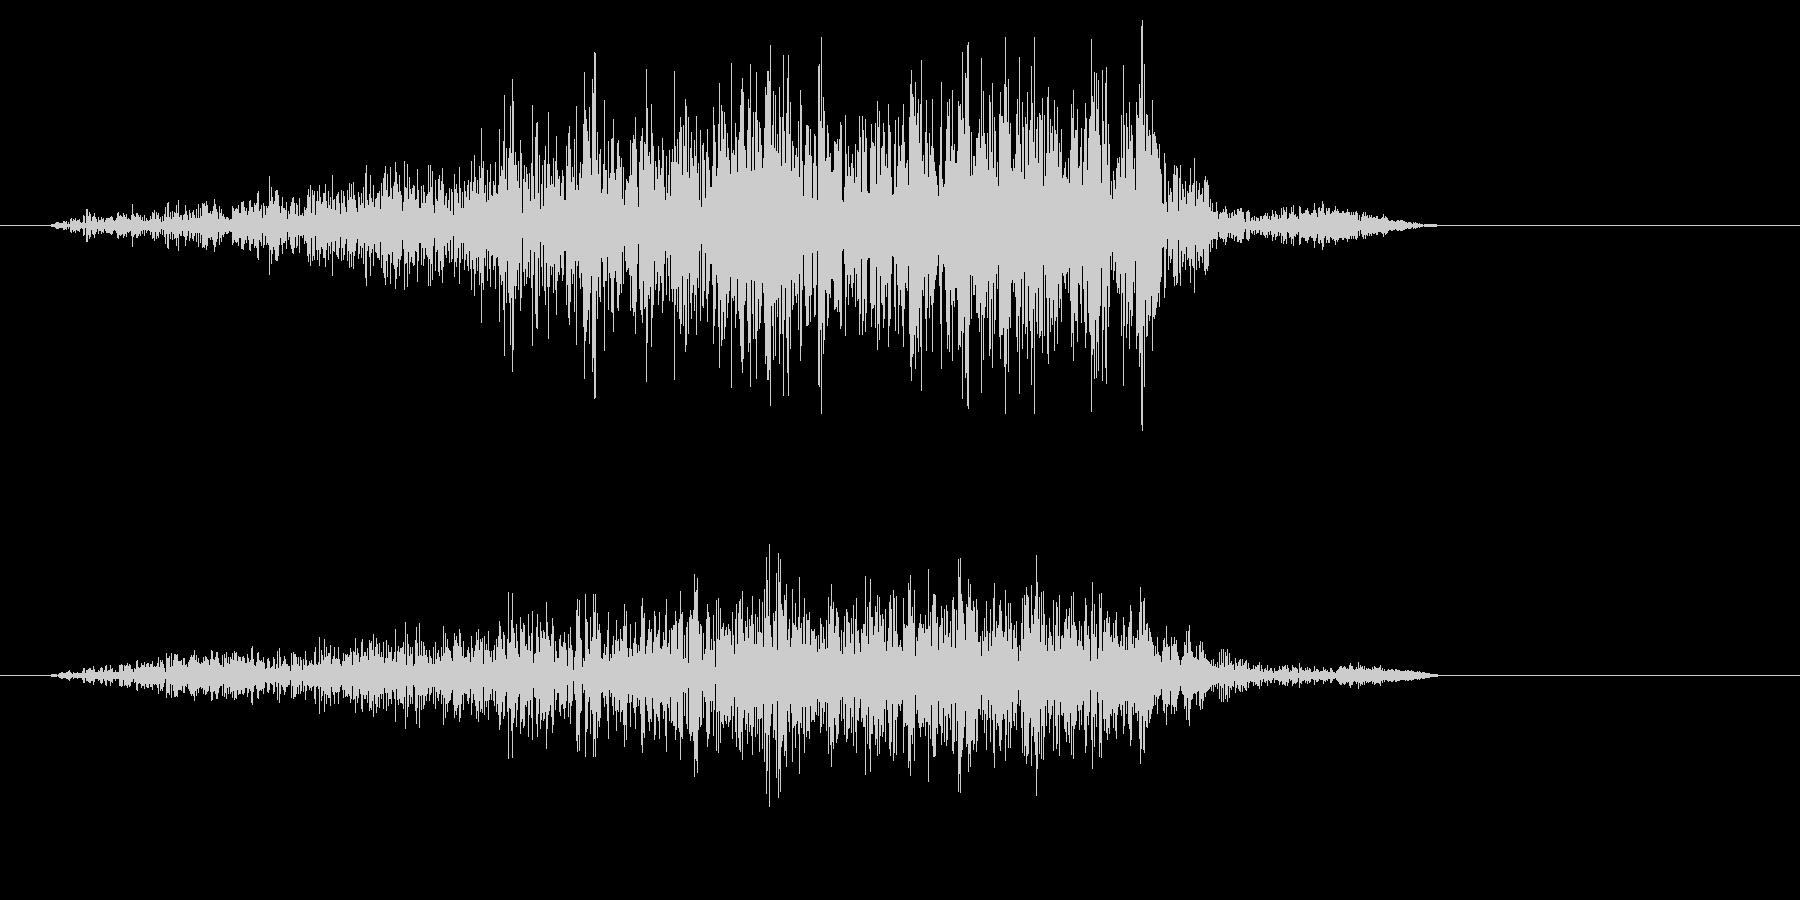 ズシャーッ(摩擦音)スコップの未再生の波形